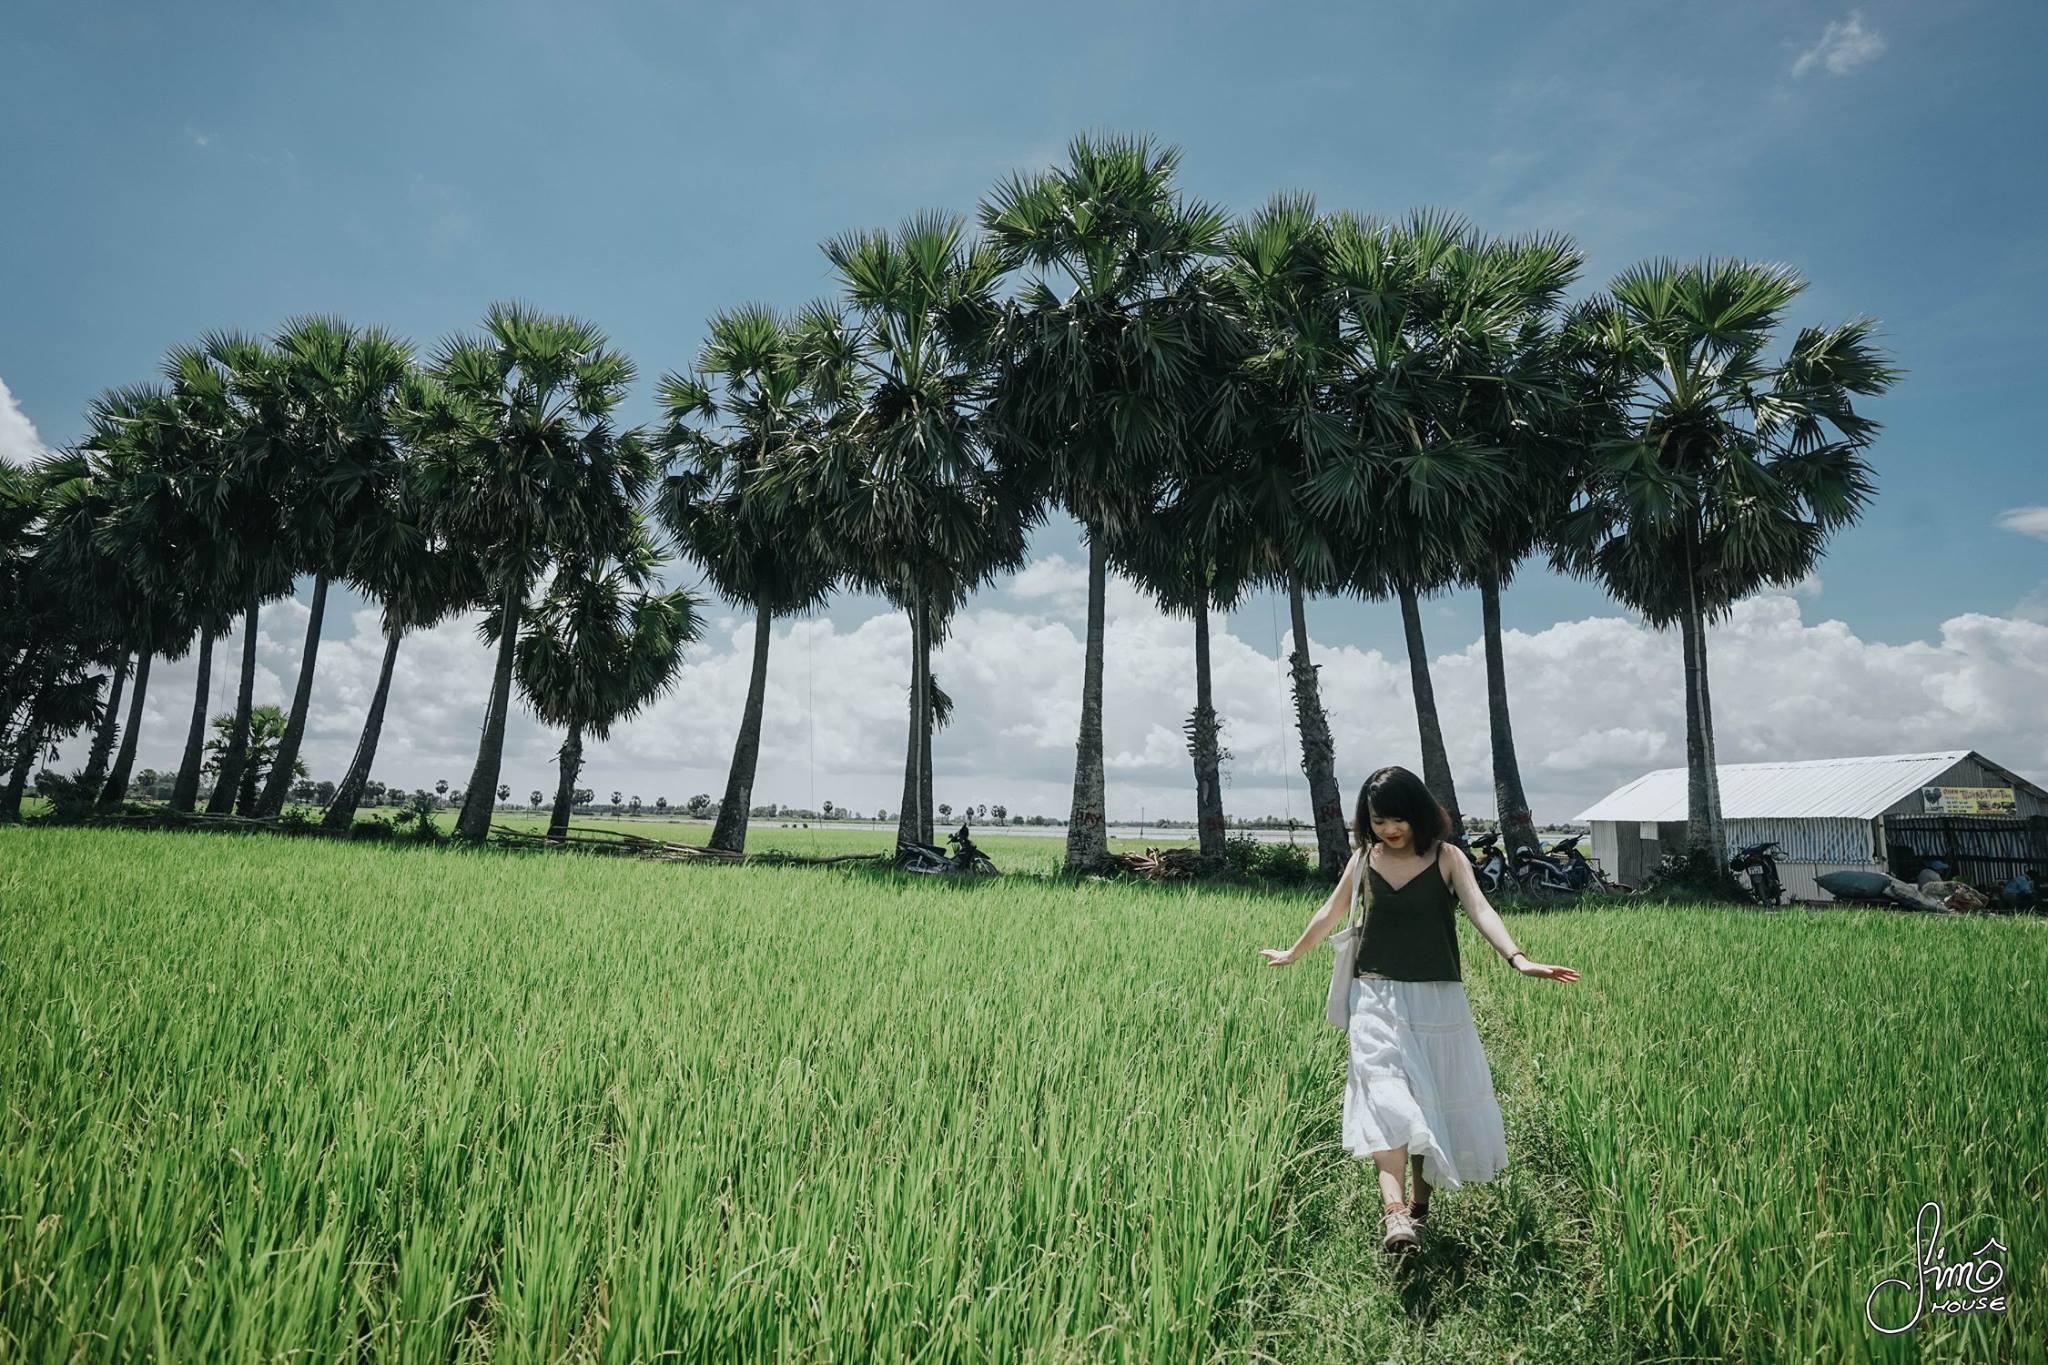 Đi An Giang ngay nhé, bạn sẽ phải lòng lập tức mảnh đất miền Tây thân thương như cô bạn travel blogger Linh Hà